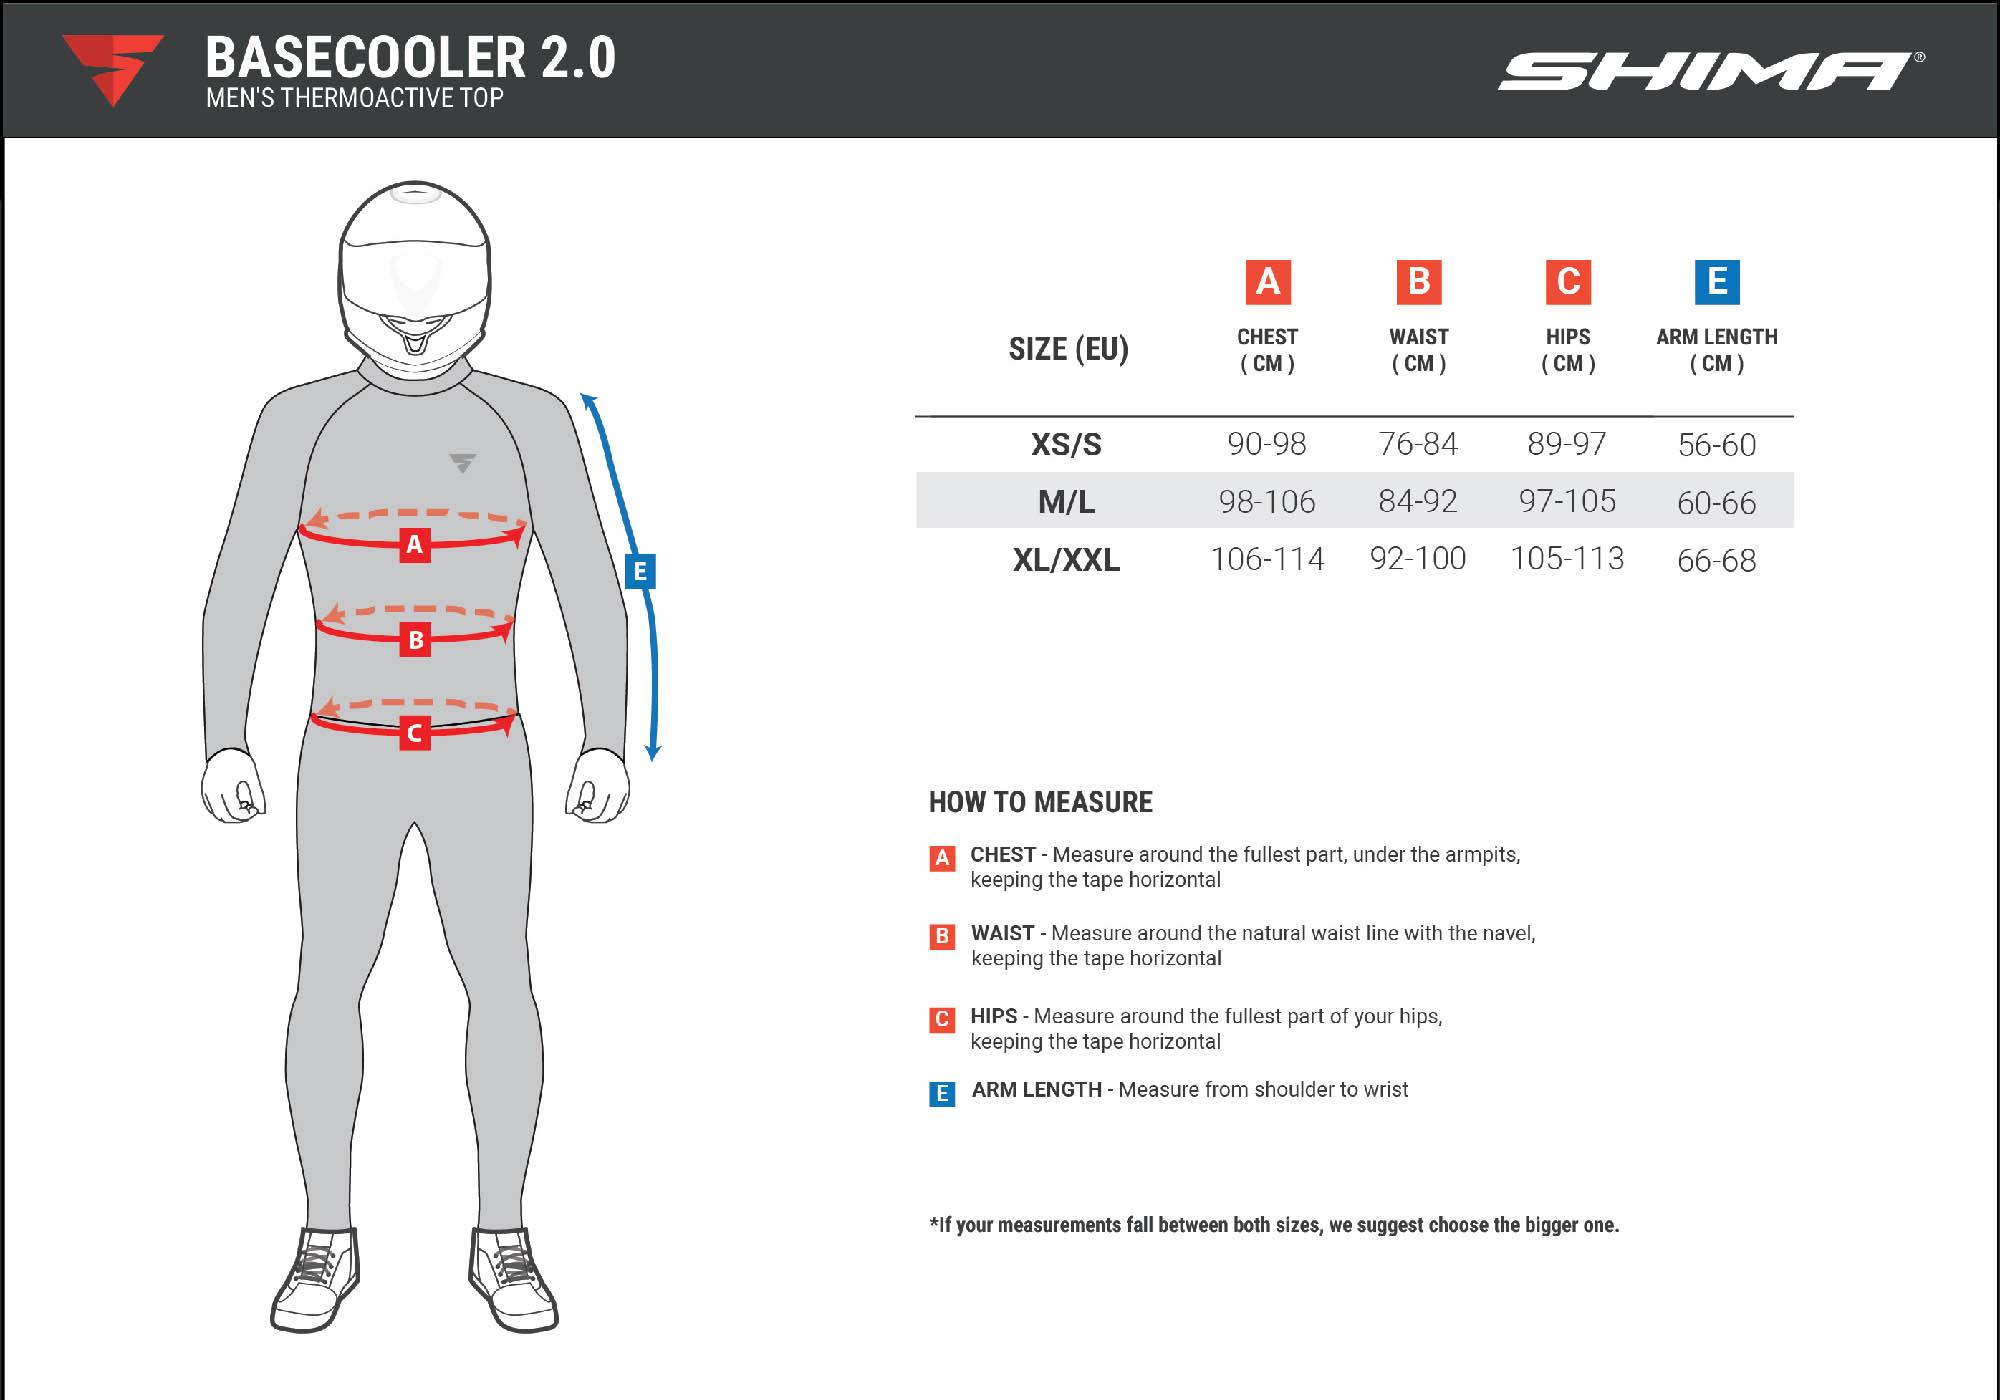 Термобелье SHIMA BASECOOLER 2.0 бесшовное для мотоциклистов таблица размеров